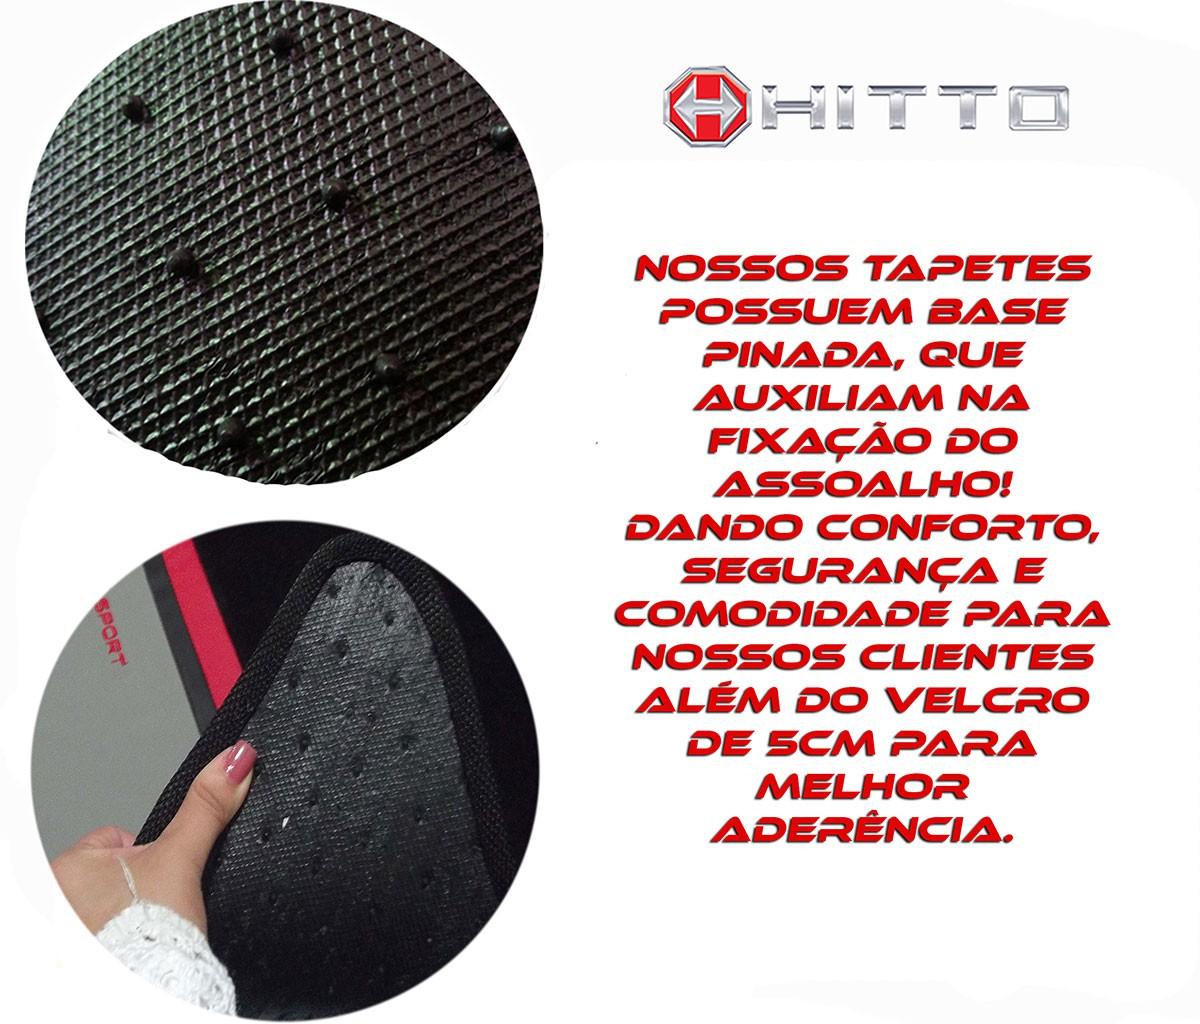 Kit De Assoalho E Porta Malas Ecosport Luxo Base Pinada Hitto